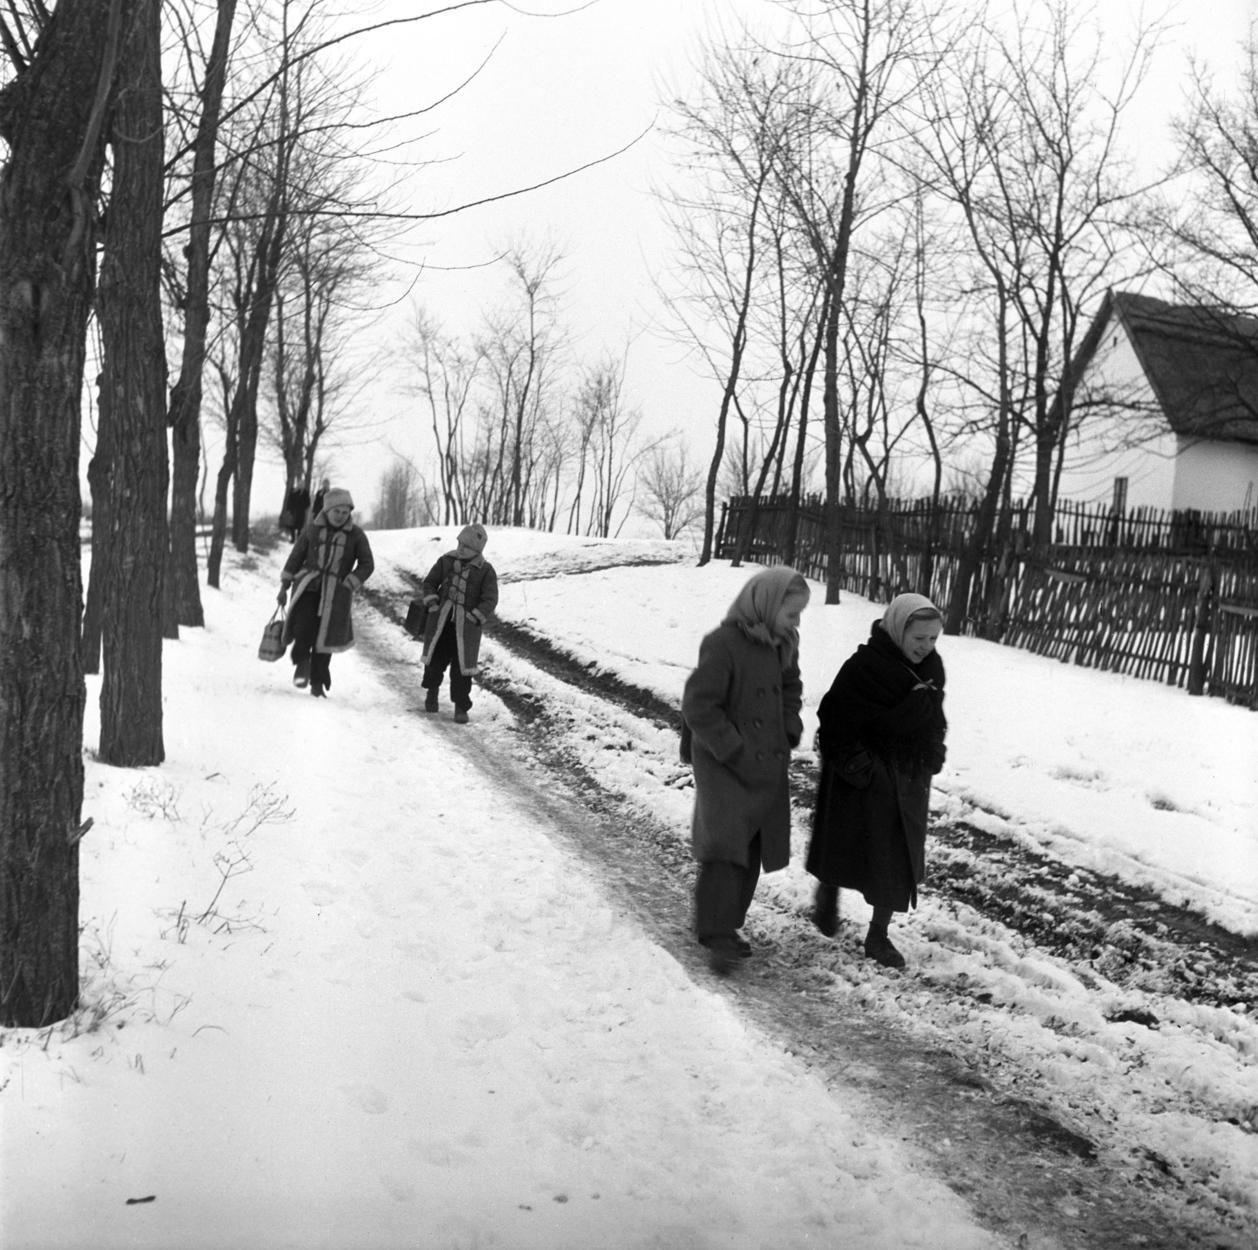 1956. február 2. Gyerekek sétálnak el egy parasztház mellett a havas földúton, vidéken. A felvétel készítésének helyszíne ismeretlen. MTI Fotó/Magyar Fotó: -